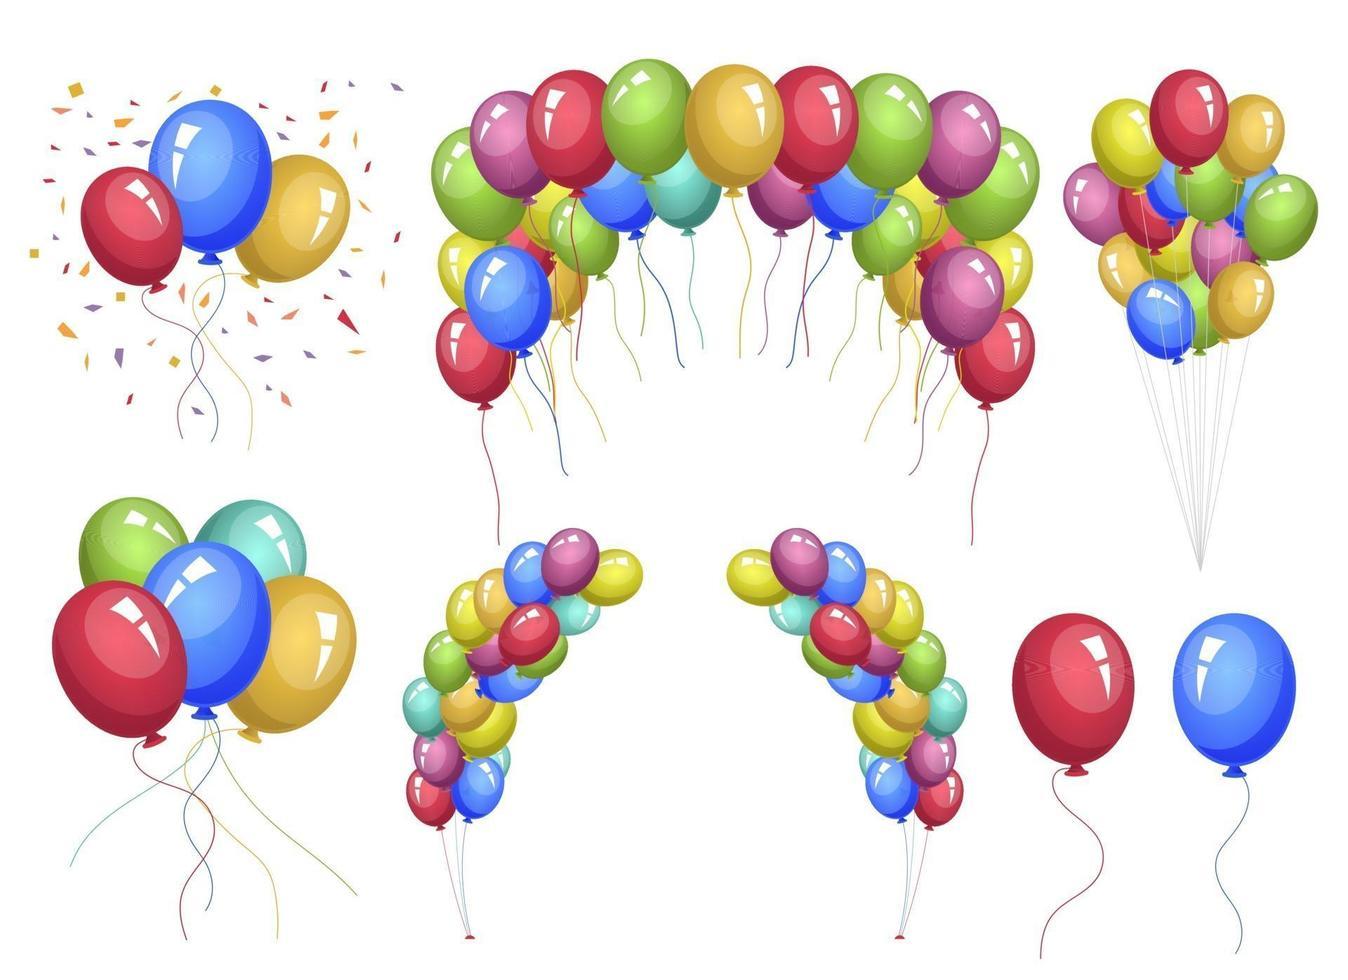 ballons colorés vector design illustration set isolé sur fond blanc